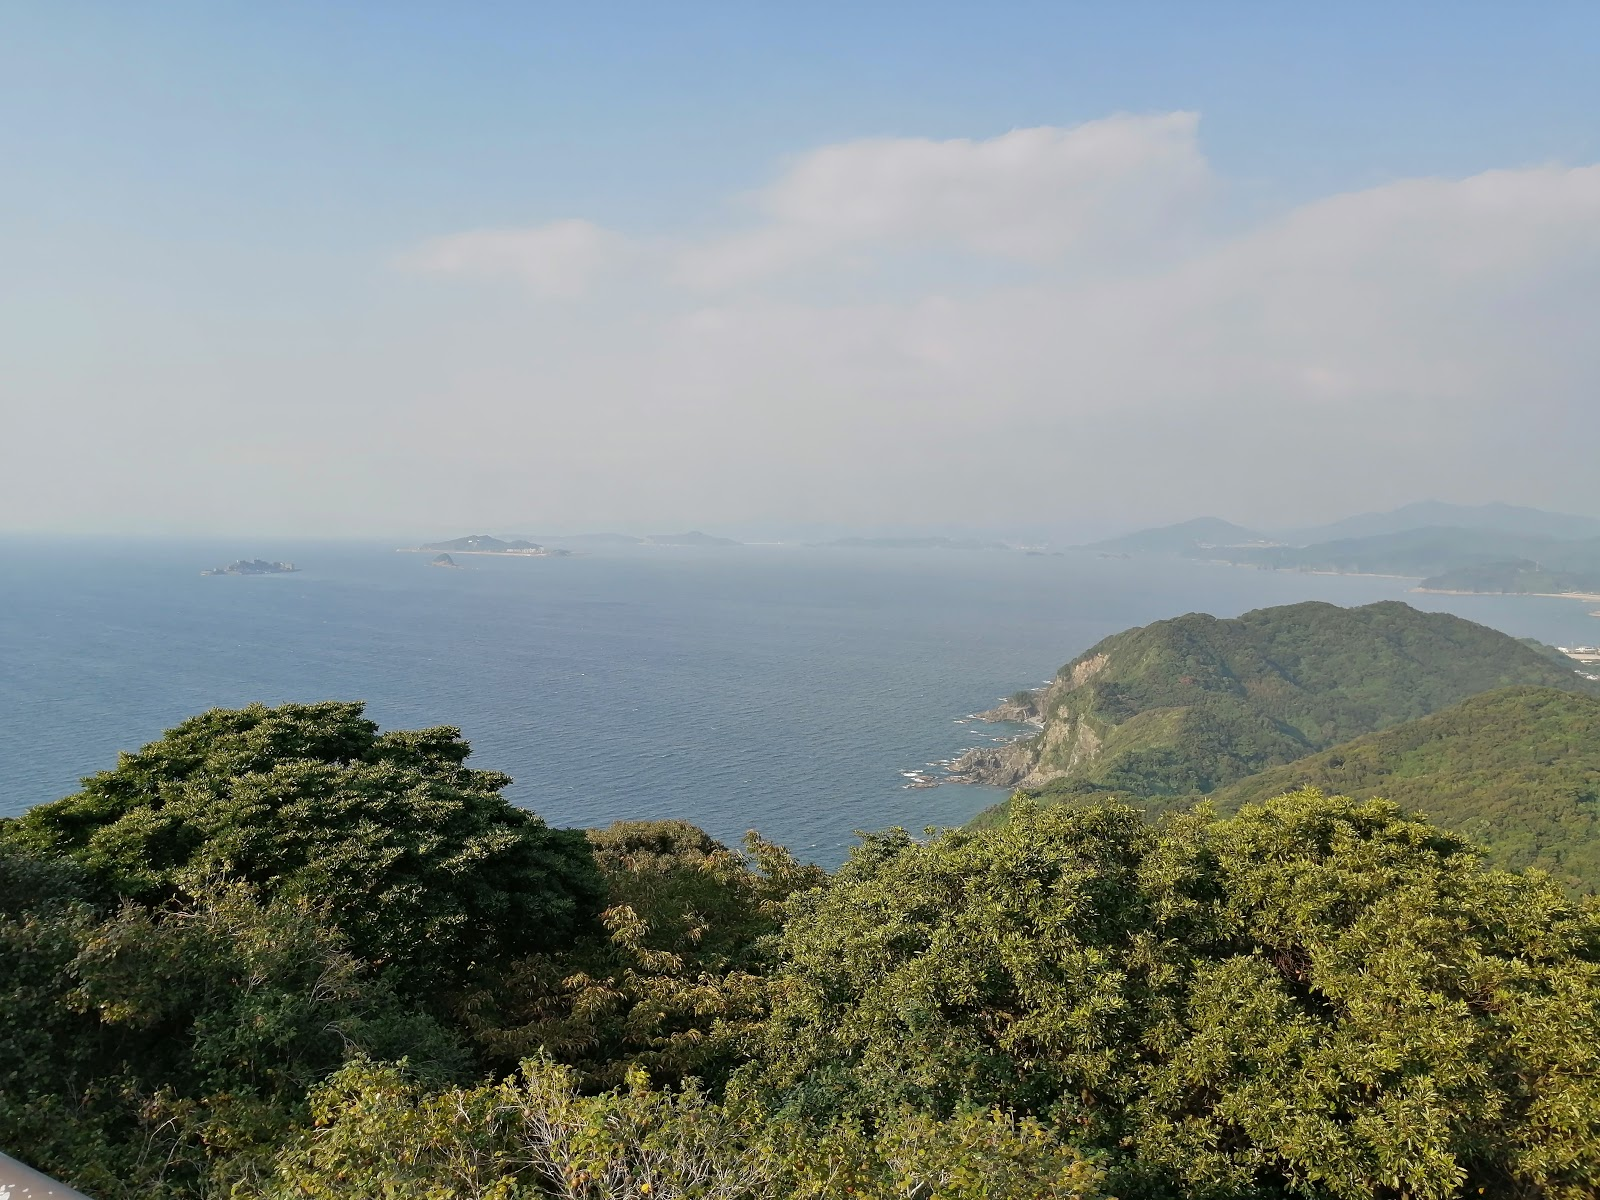 長崎絶景スポット 長崎市野母崎 権現山展望公園